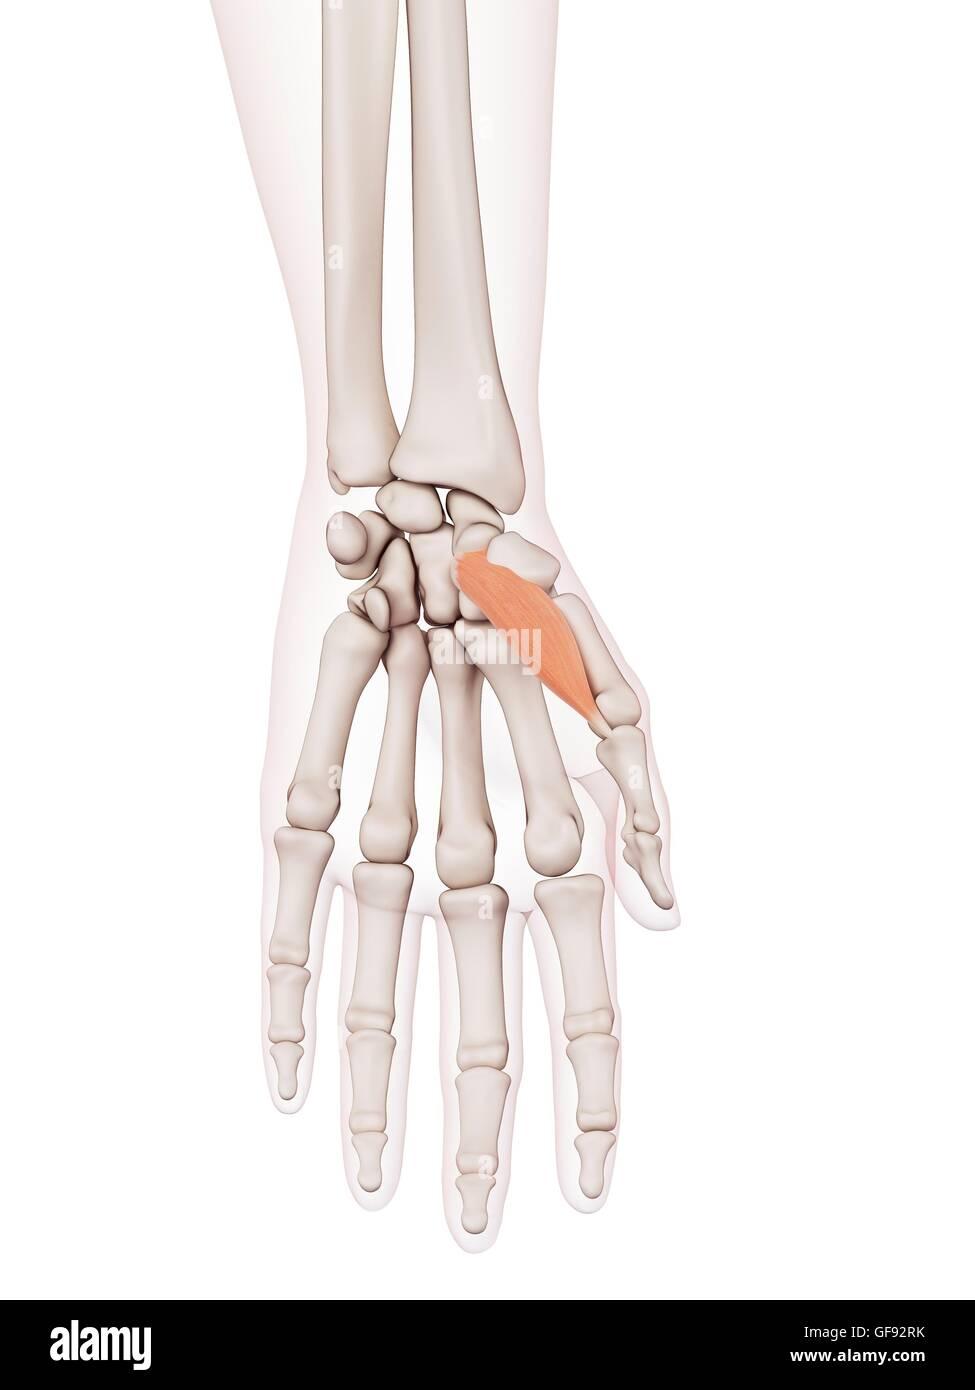 Beste Bild Der Menschlichen Hand Knochen Fotos - Menschliche ...